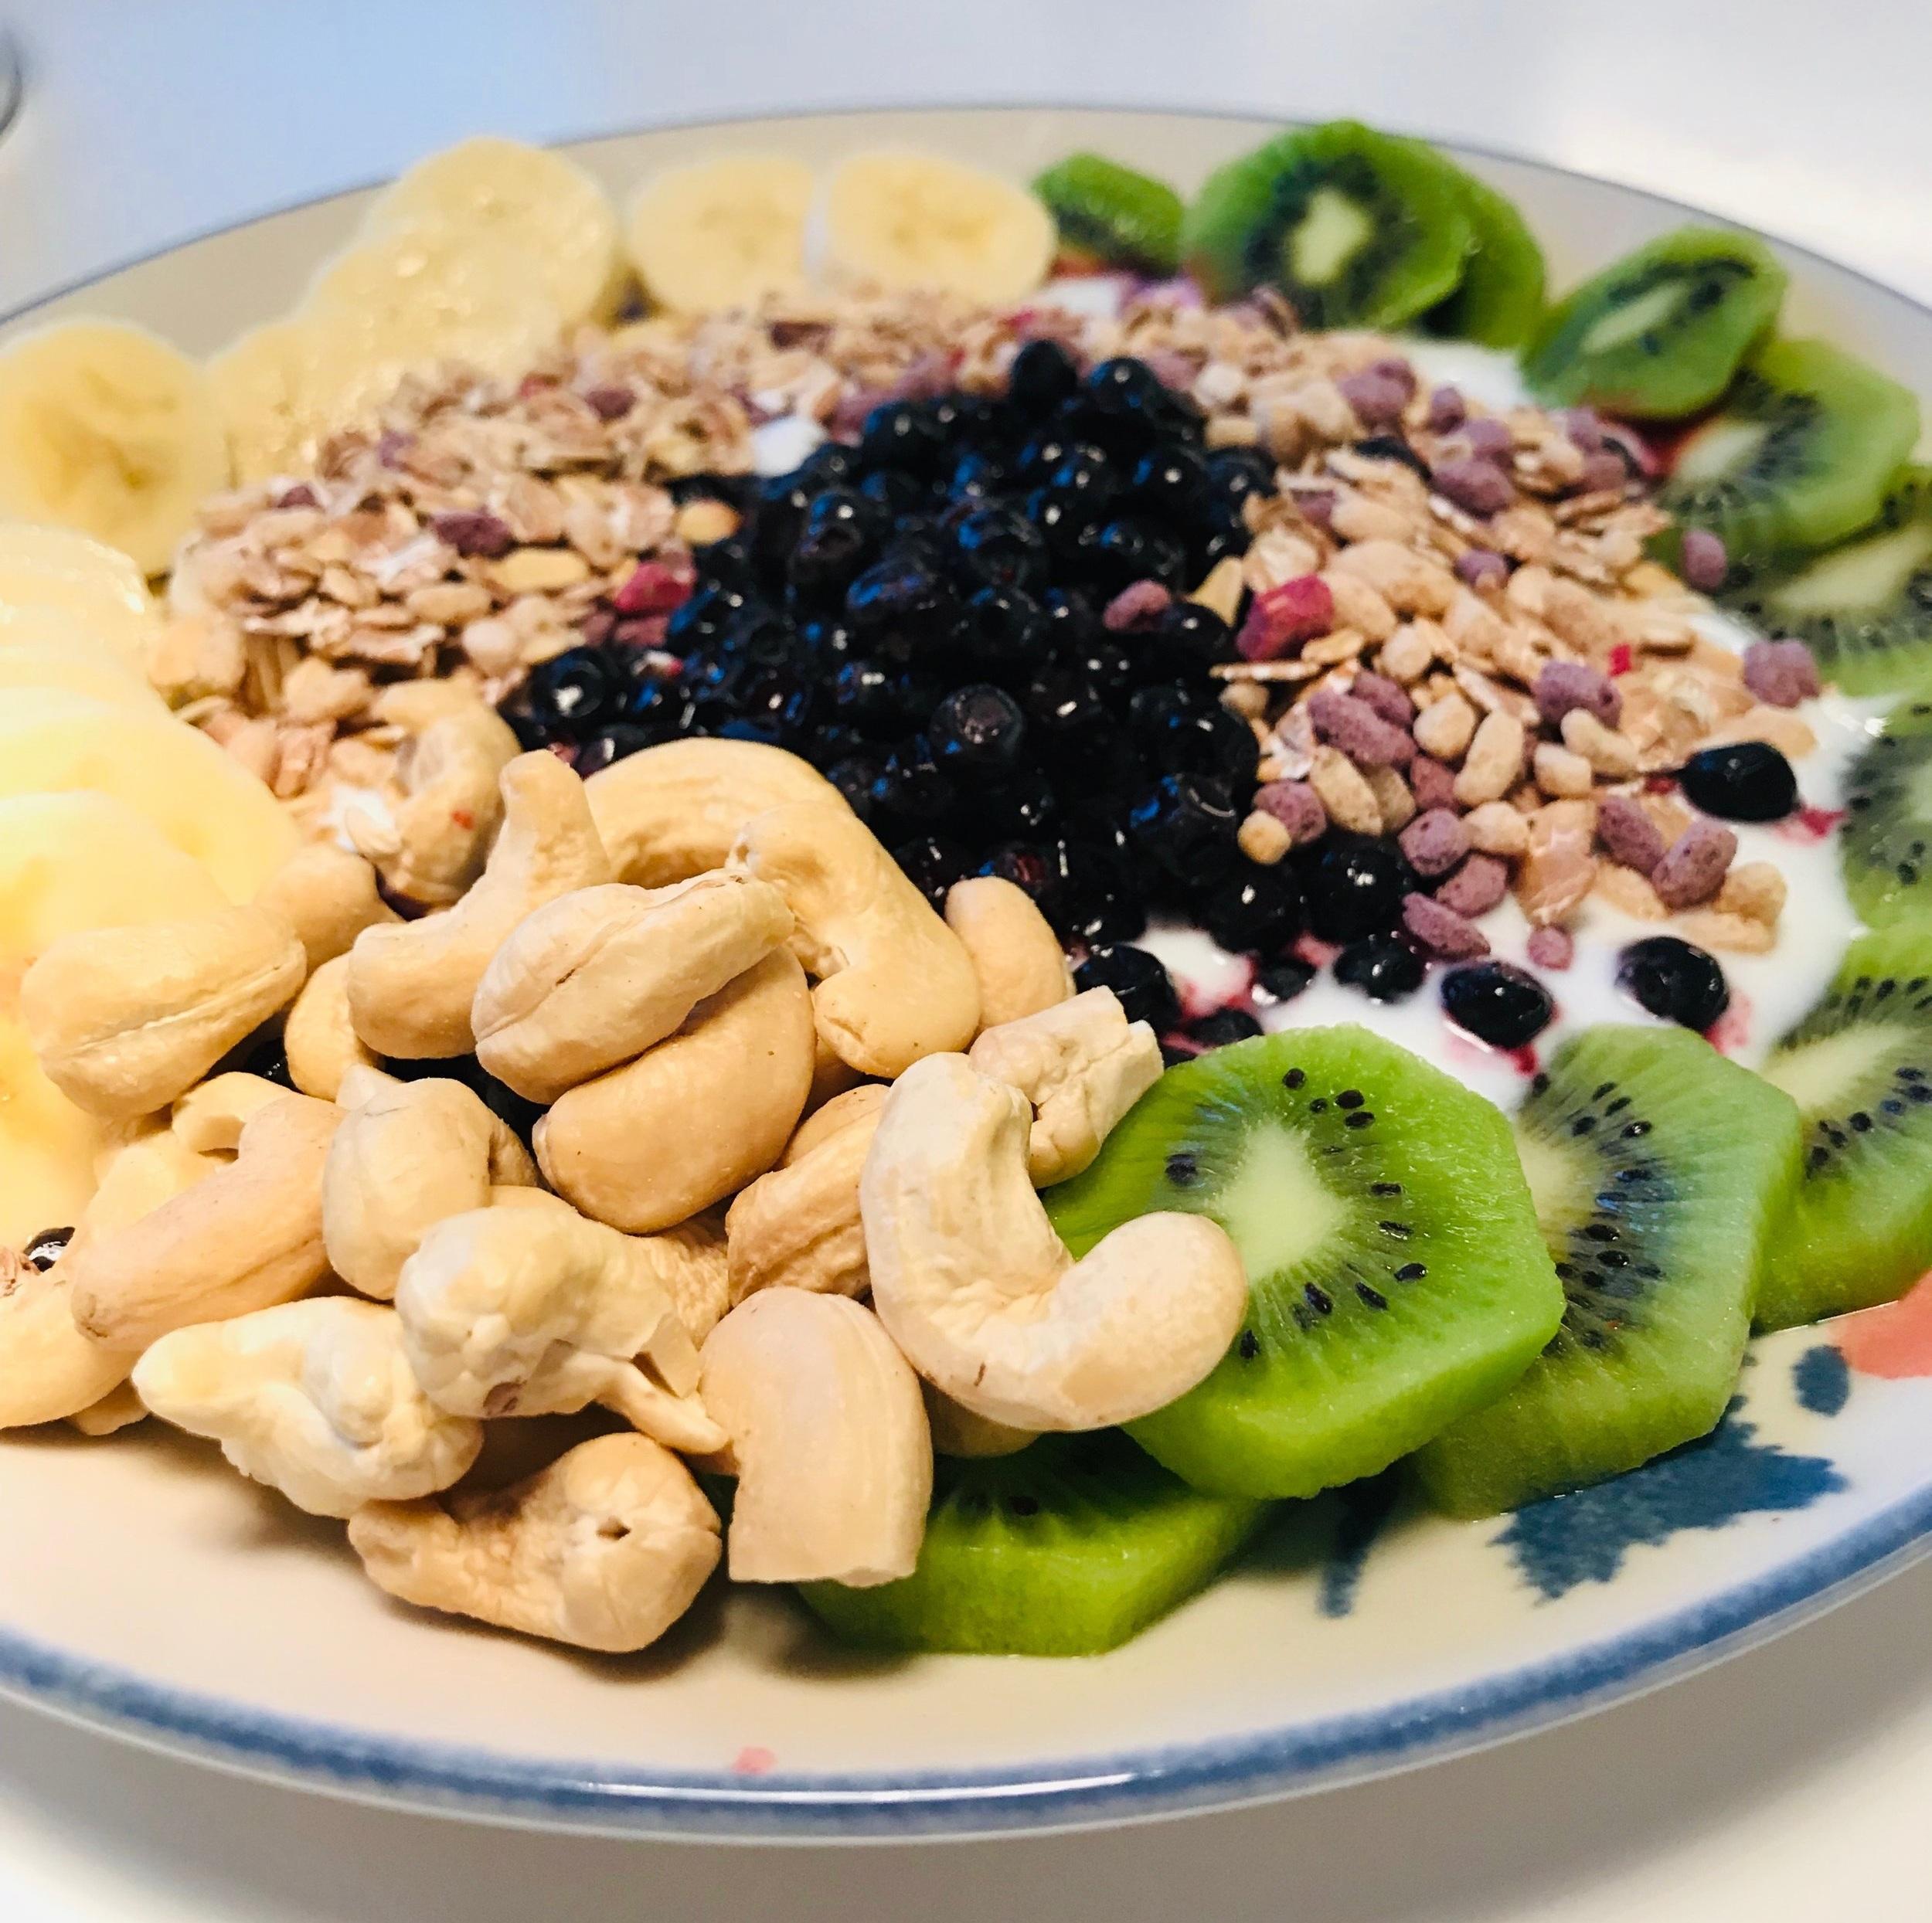 Täydelliseen viikonloppuun sisältyi tämä herkullinen aamiaislautanen. Lautasella 1 banaani, 2 kiiviä, 1 dl mustikoita, 1 dl maustamatonta jogurttia, pieni kourallinen pähkinöitä ja 1 dl mysliä. Tästä annoksesta saa vitamiineja päivään!